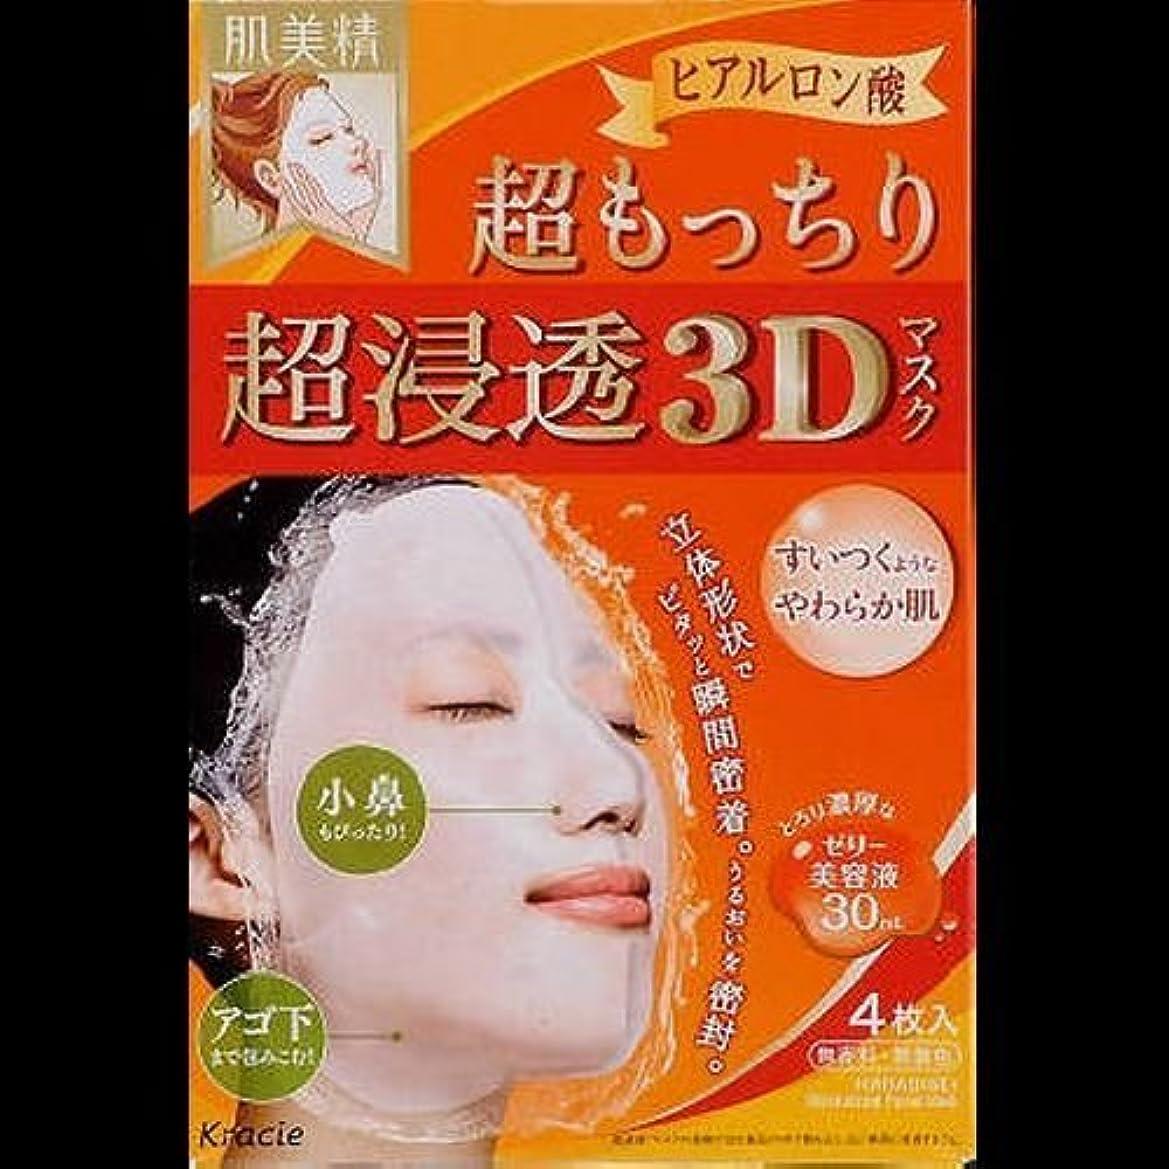 歴史冷酷なゴールデン【まとめ買い】肌美精 超浸透3Dマスク (超もっちり) 4枚 ×2セット